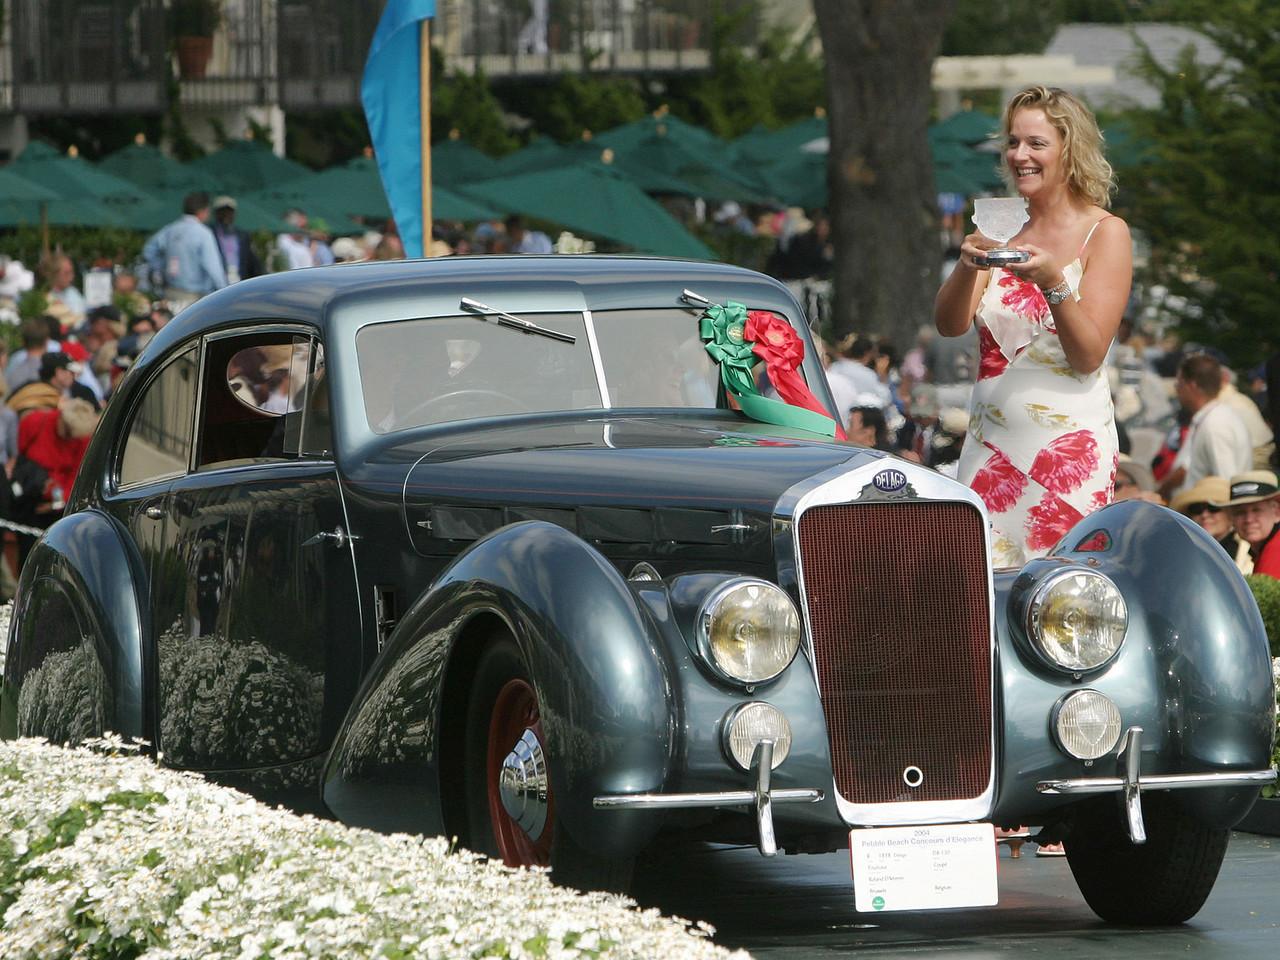 1938 Delage D8-120 Pourtout Coupé  2nd Georges Paulin and Peugeot Design.  Roland D'Ieteren